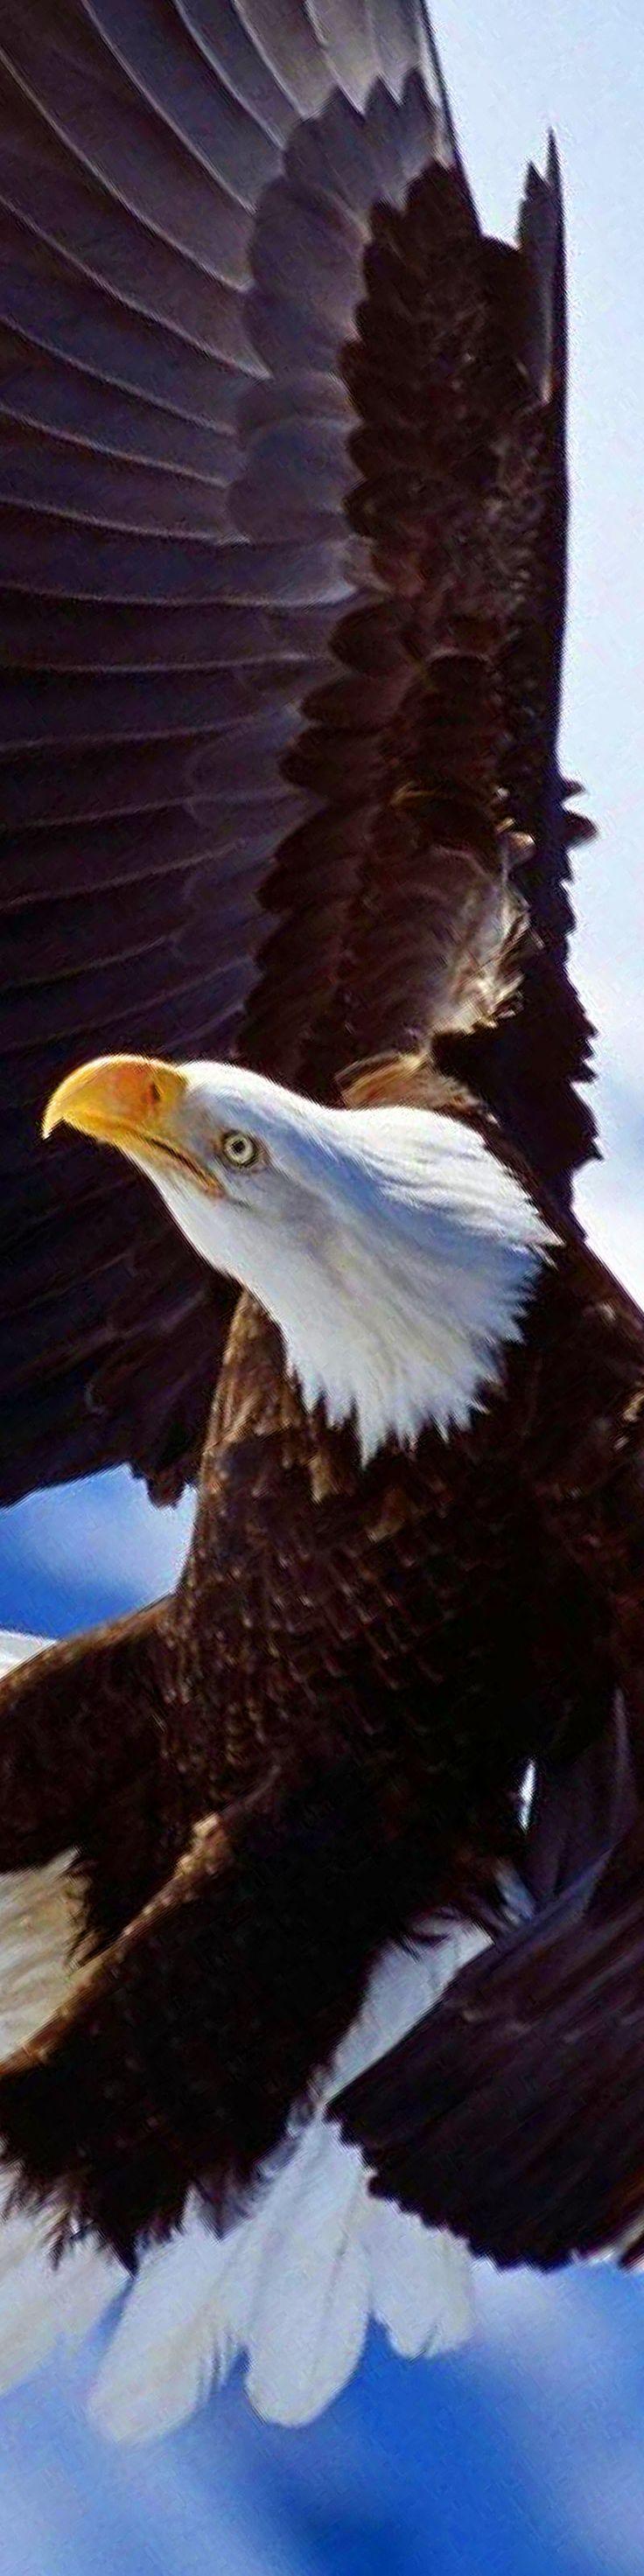 Águila ✿⊱╮